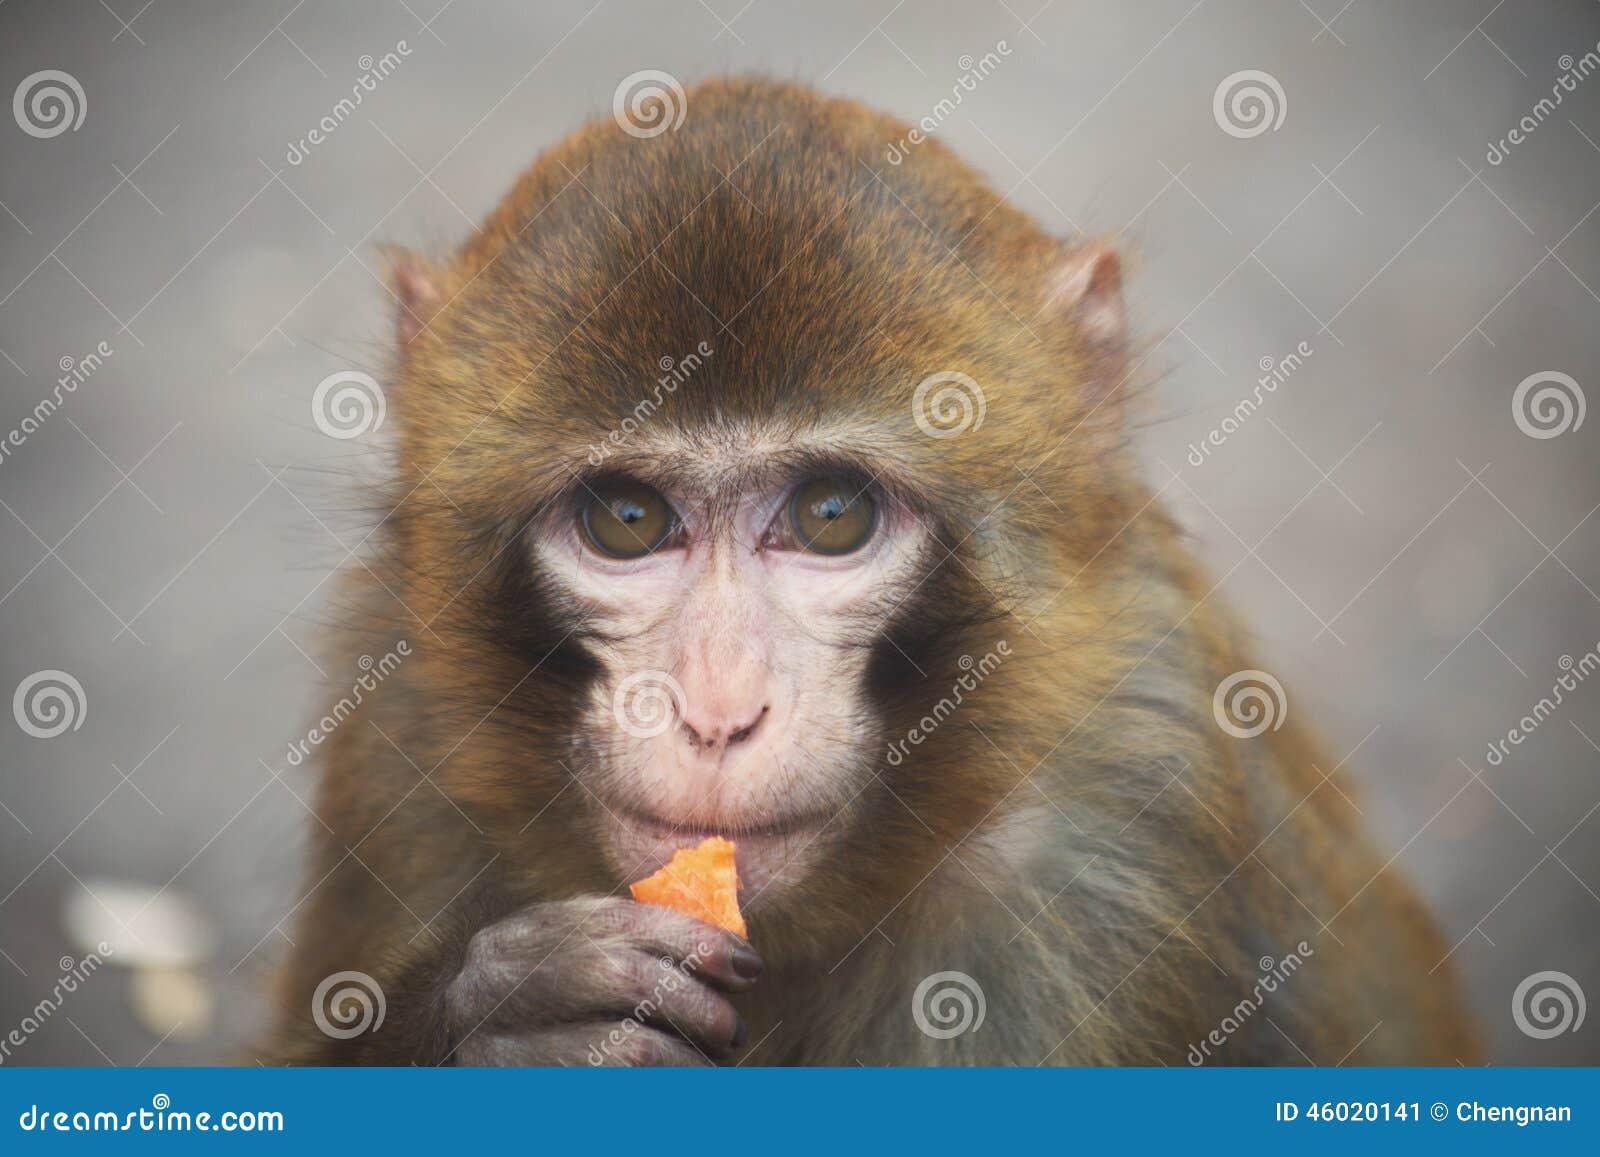 Exquisit Haustier Affe Sammlung Von Pattern Ein Melancholischer Kleiner Stockbild - Bild